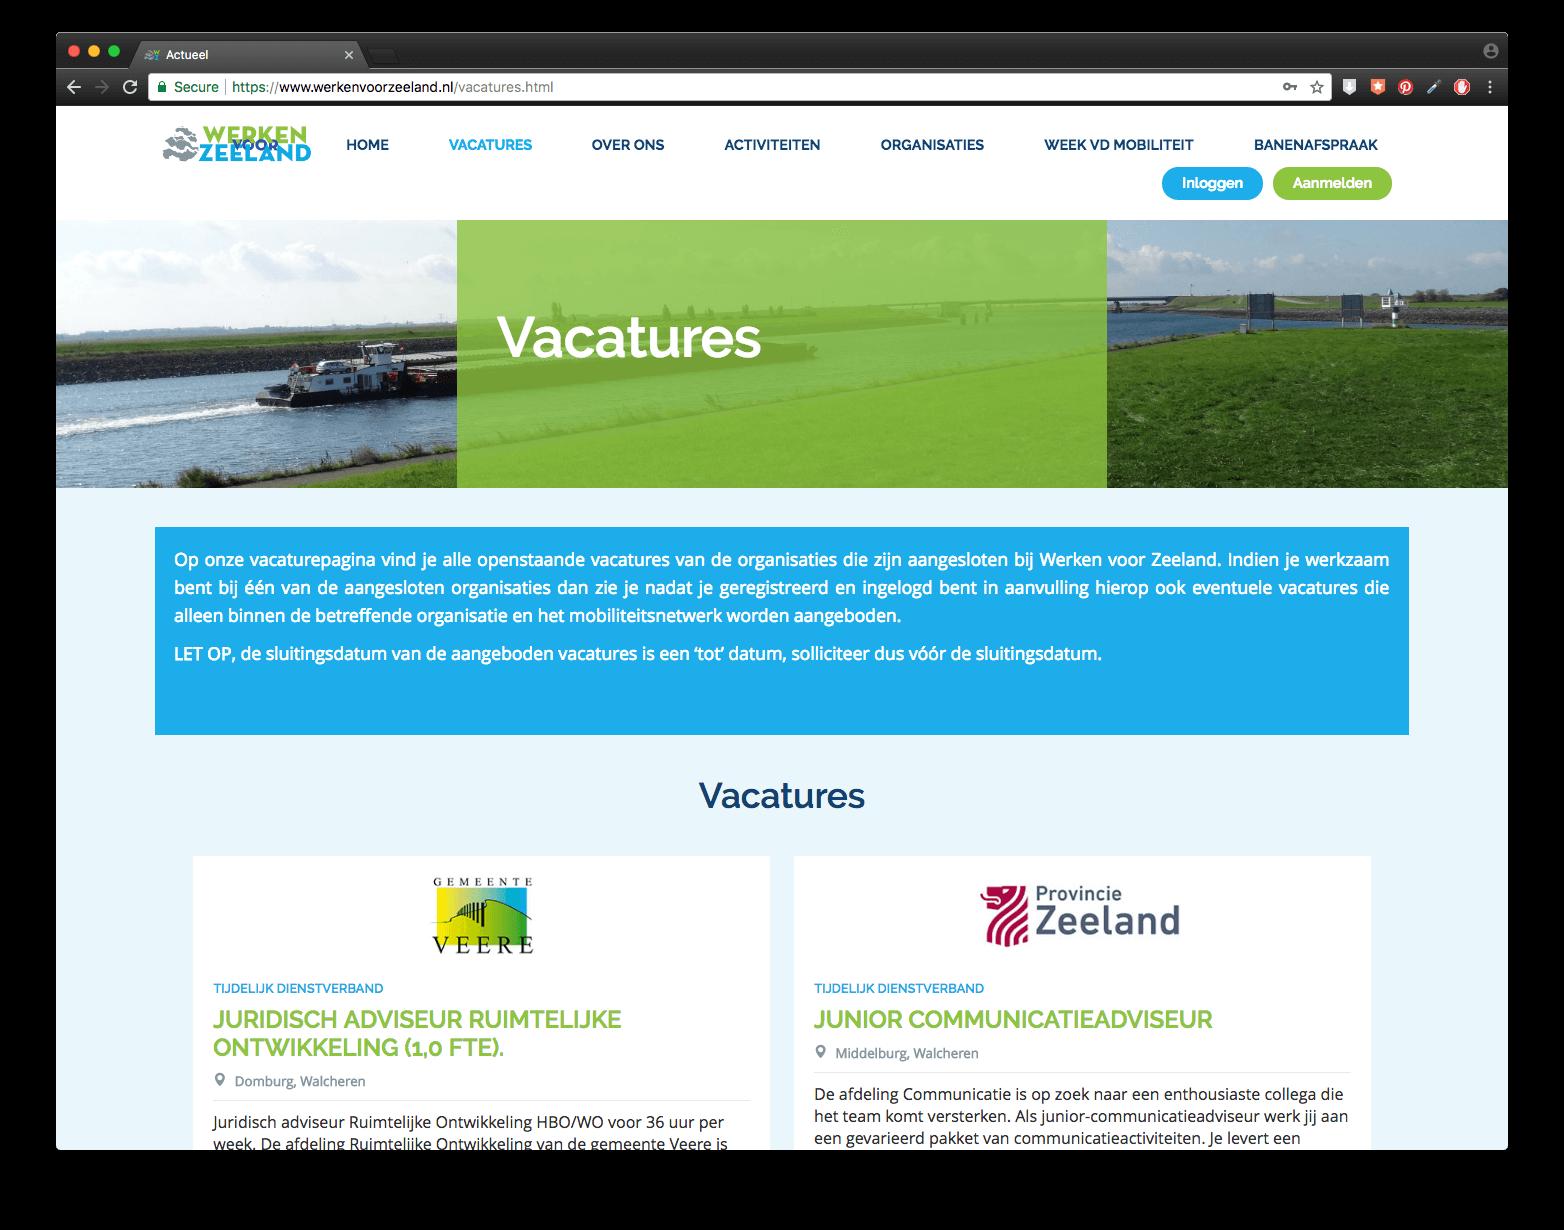 Vacatures op de website van Werken voor Zeeland